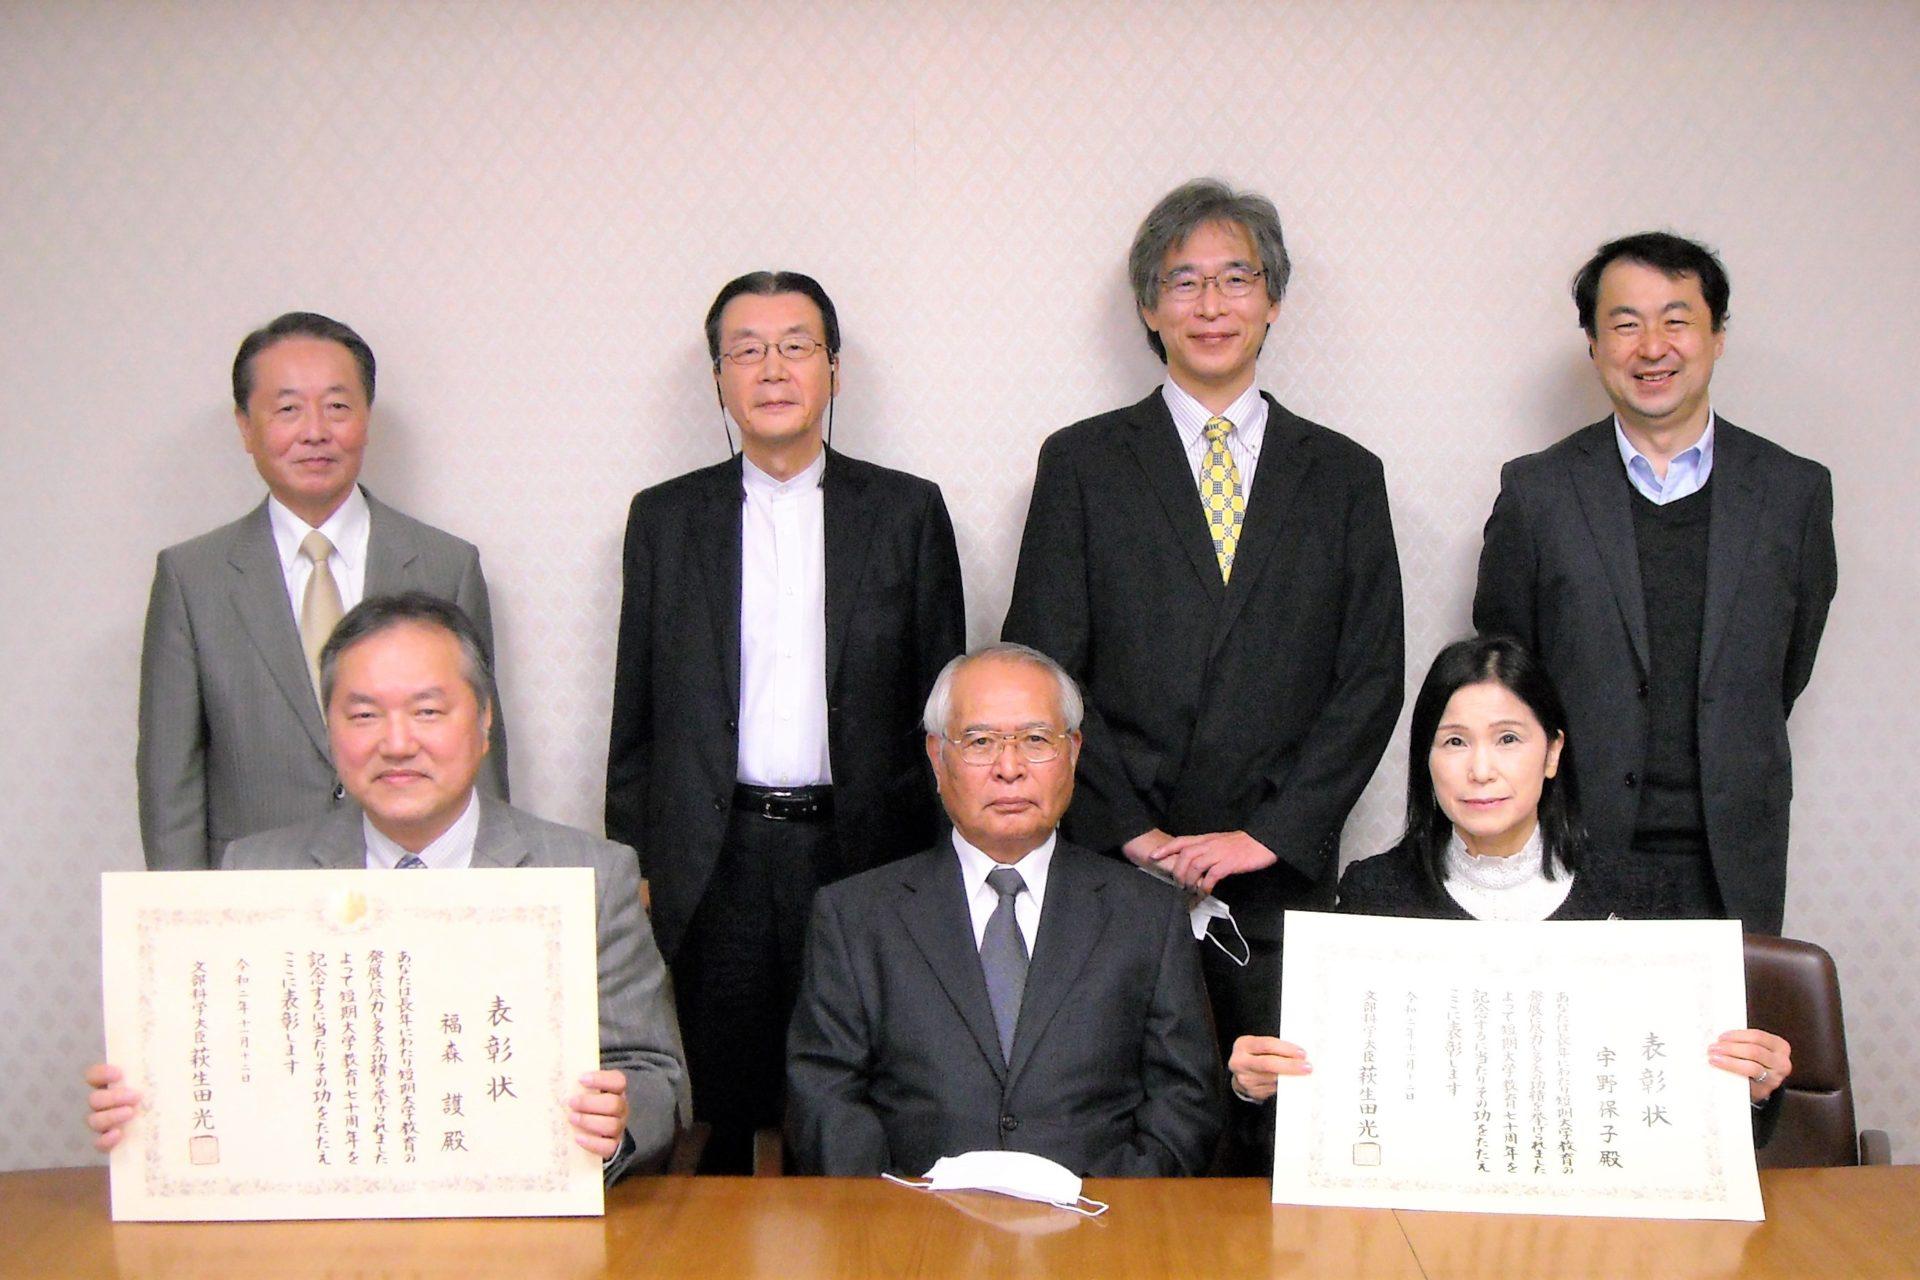 表彰を受けた福森護教授(左)と宇野保子元教授(右)